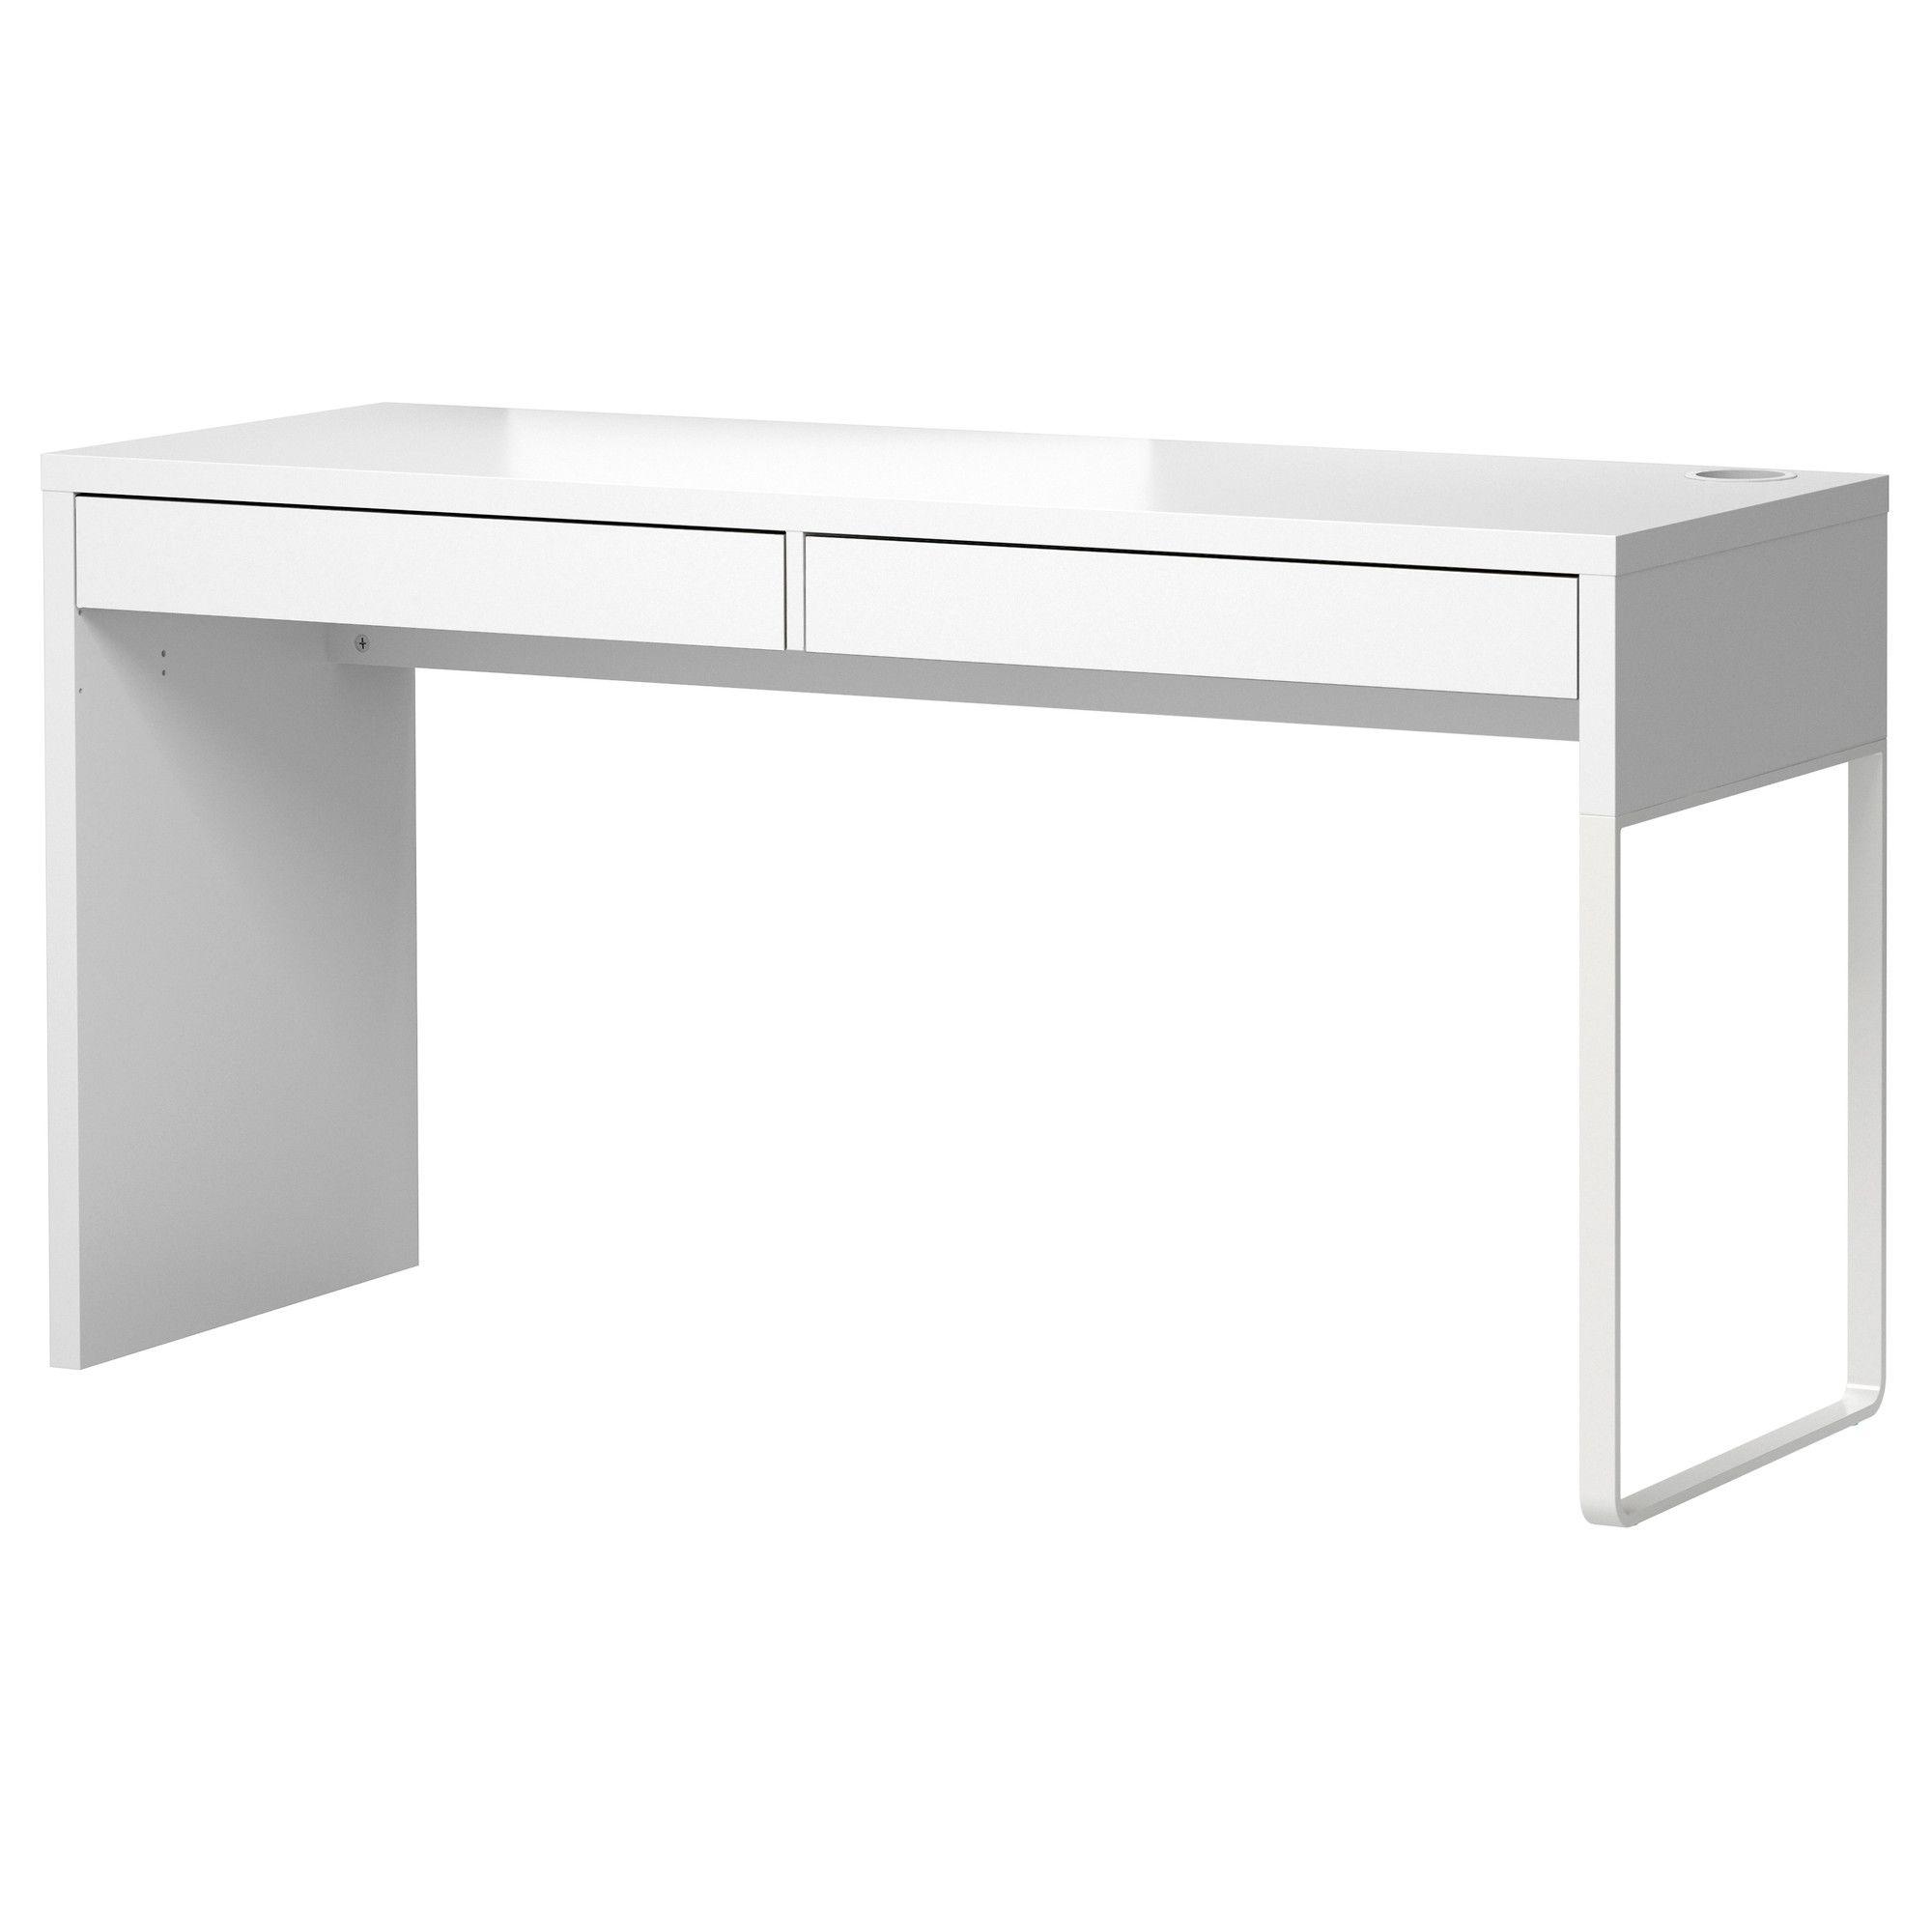 Eckschreibtisch weiß ikea  MICKE Desk, white   Micke desk, Desks and Bench seat